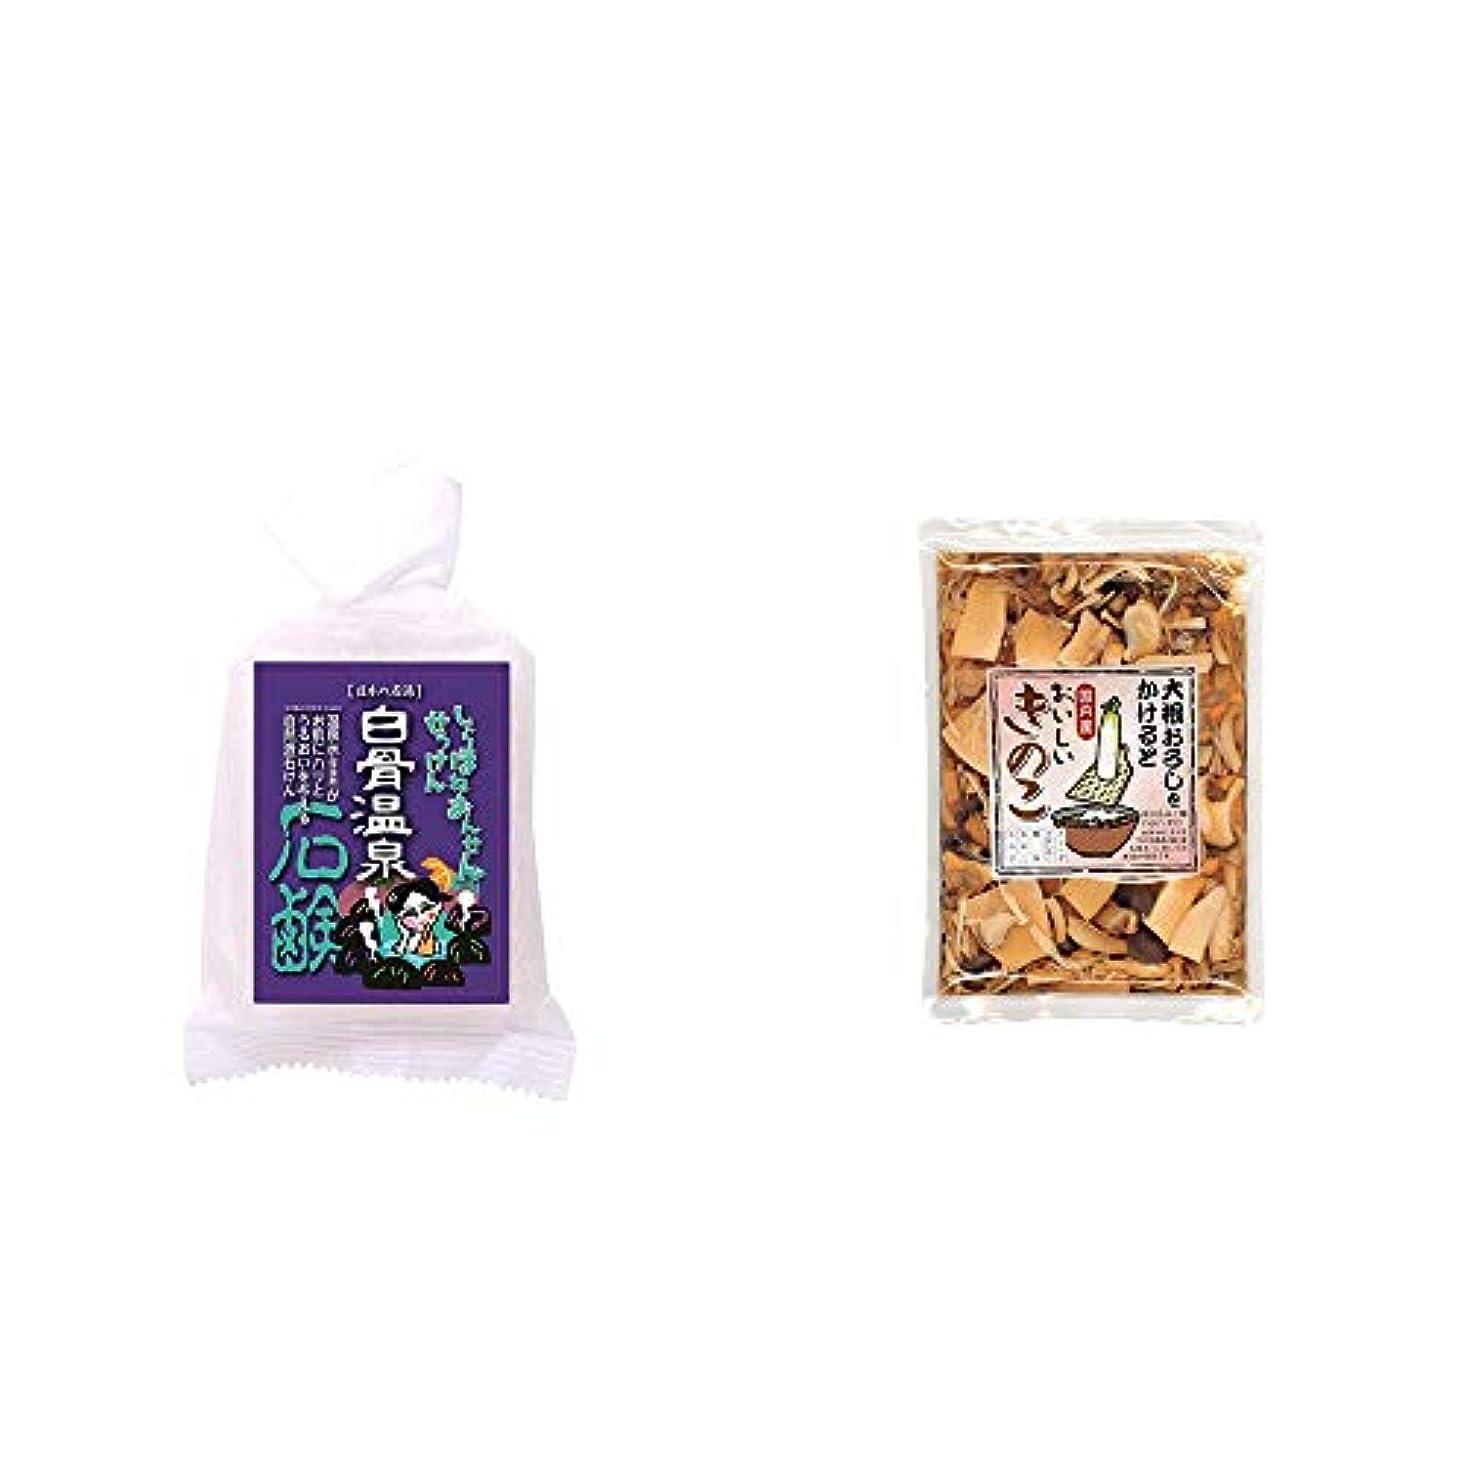 反逆者飾る合法[2点セット] 信州 白骨温泉石鹸(80g)?大根おろしをかけると おいしいきのこ(180g)